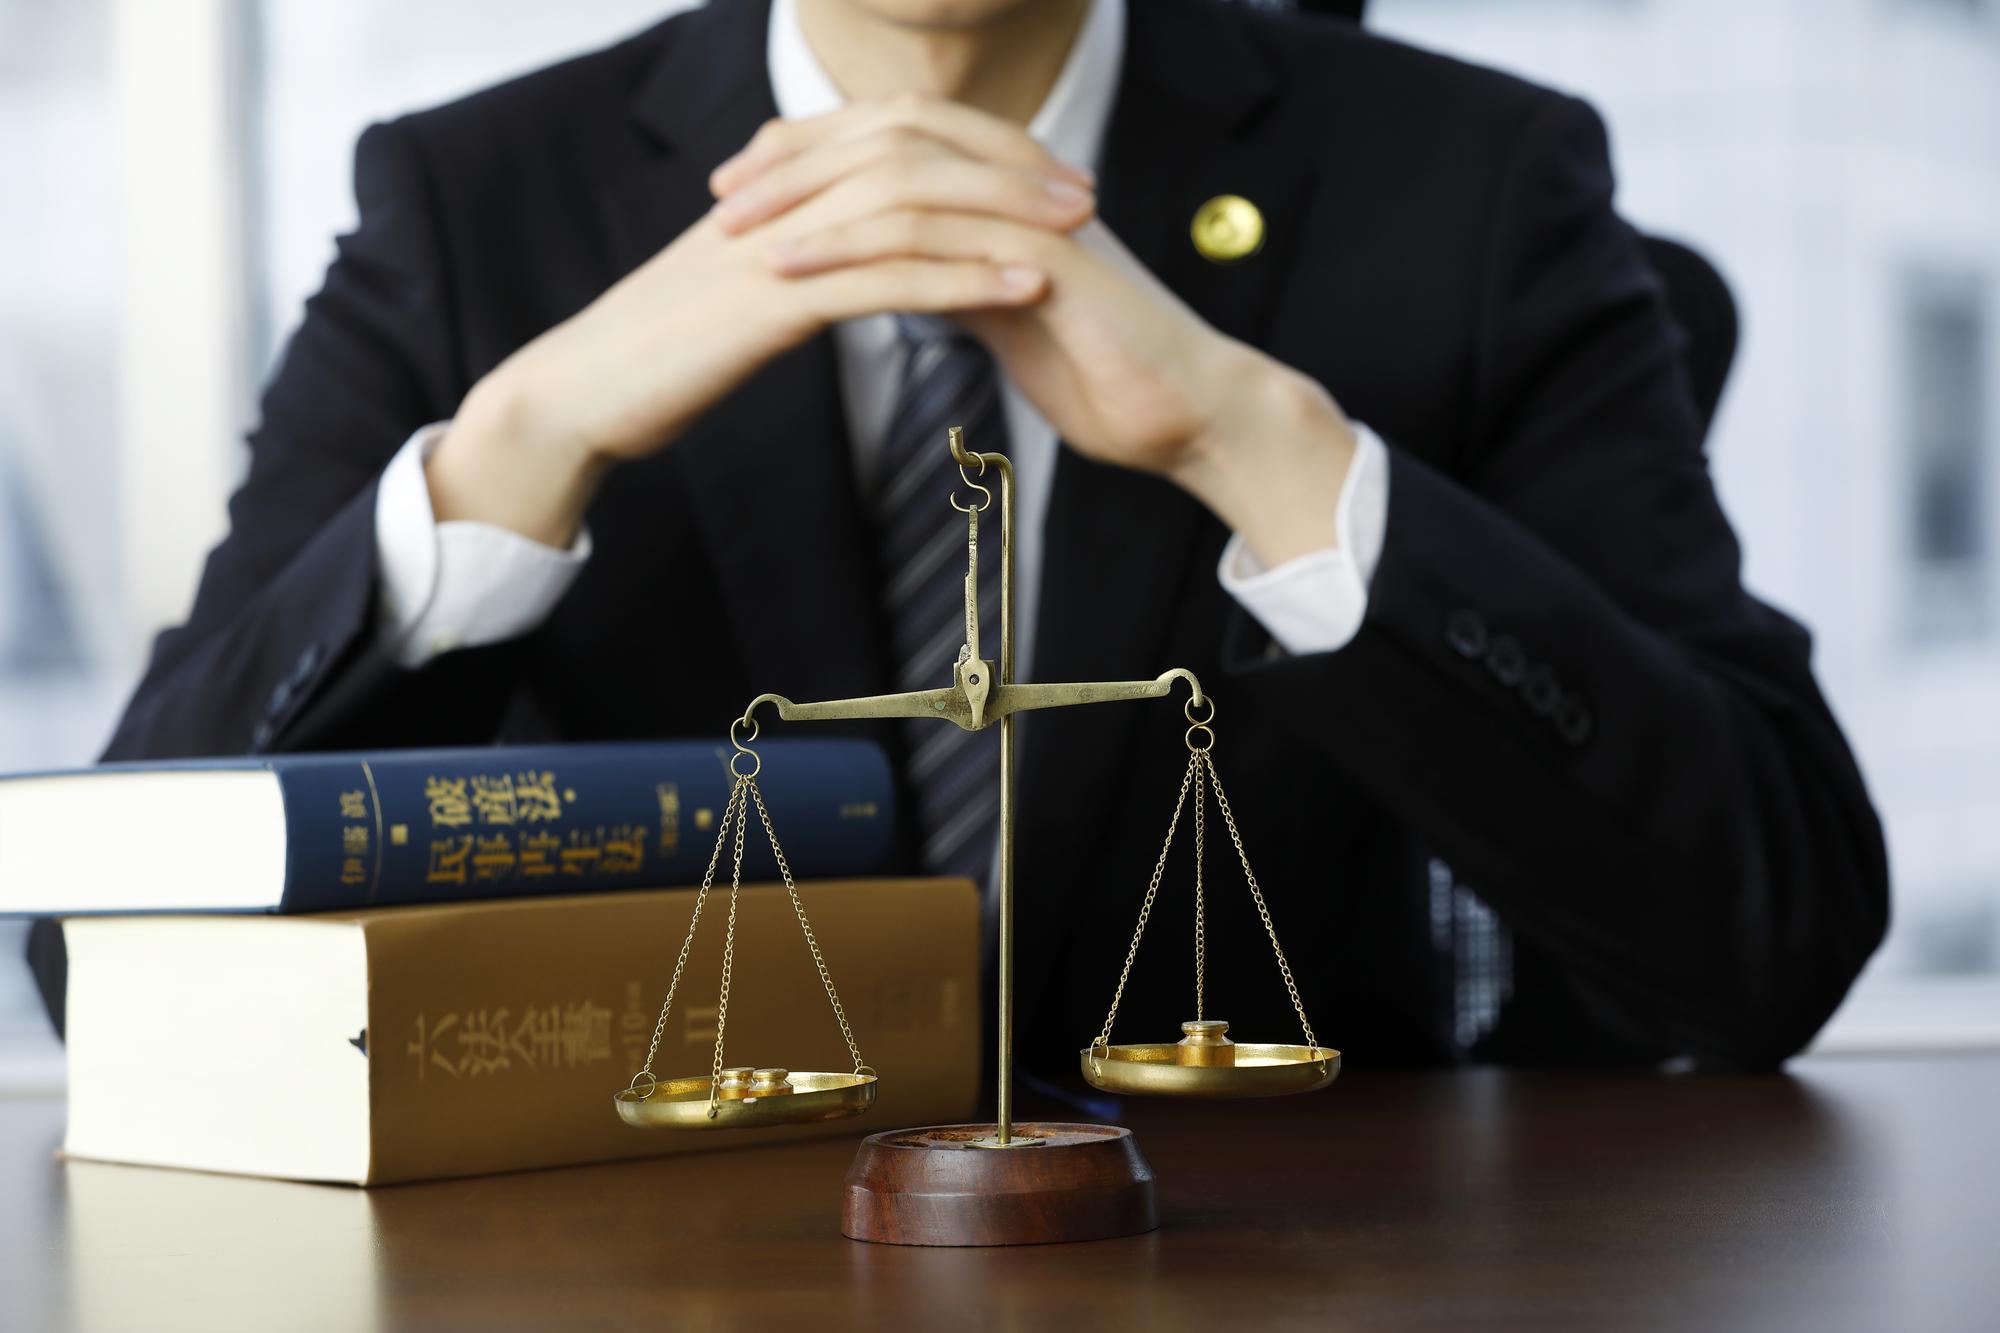 弁護士はインターネット上の人権侵害にも対応